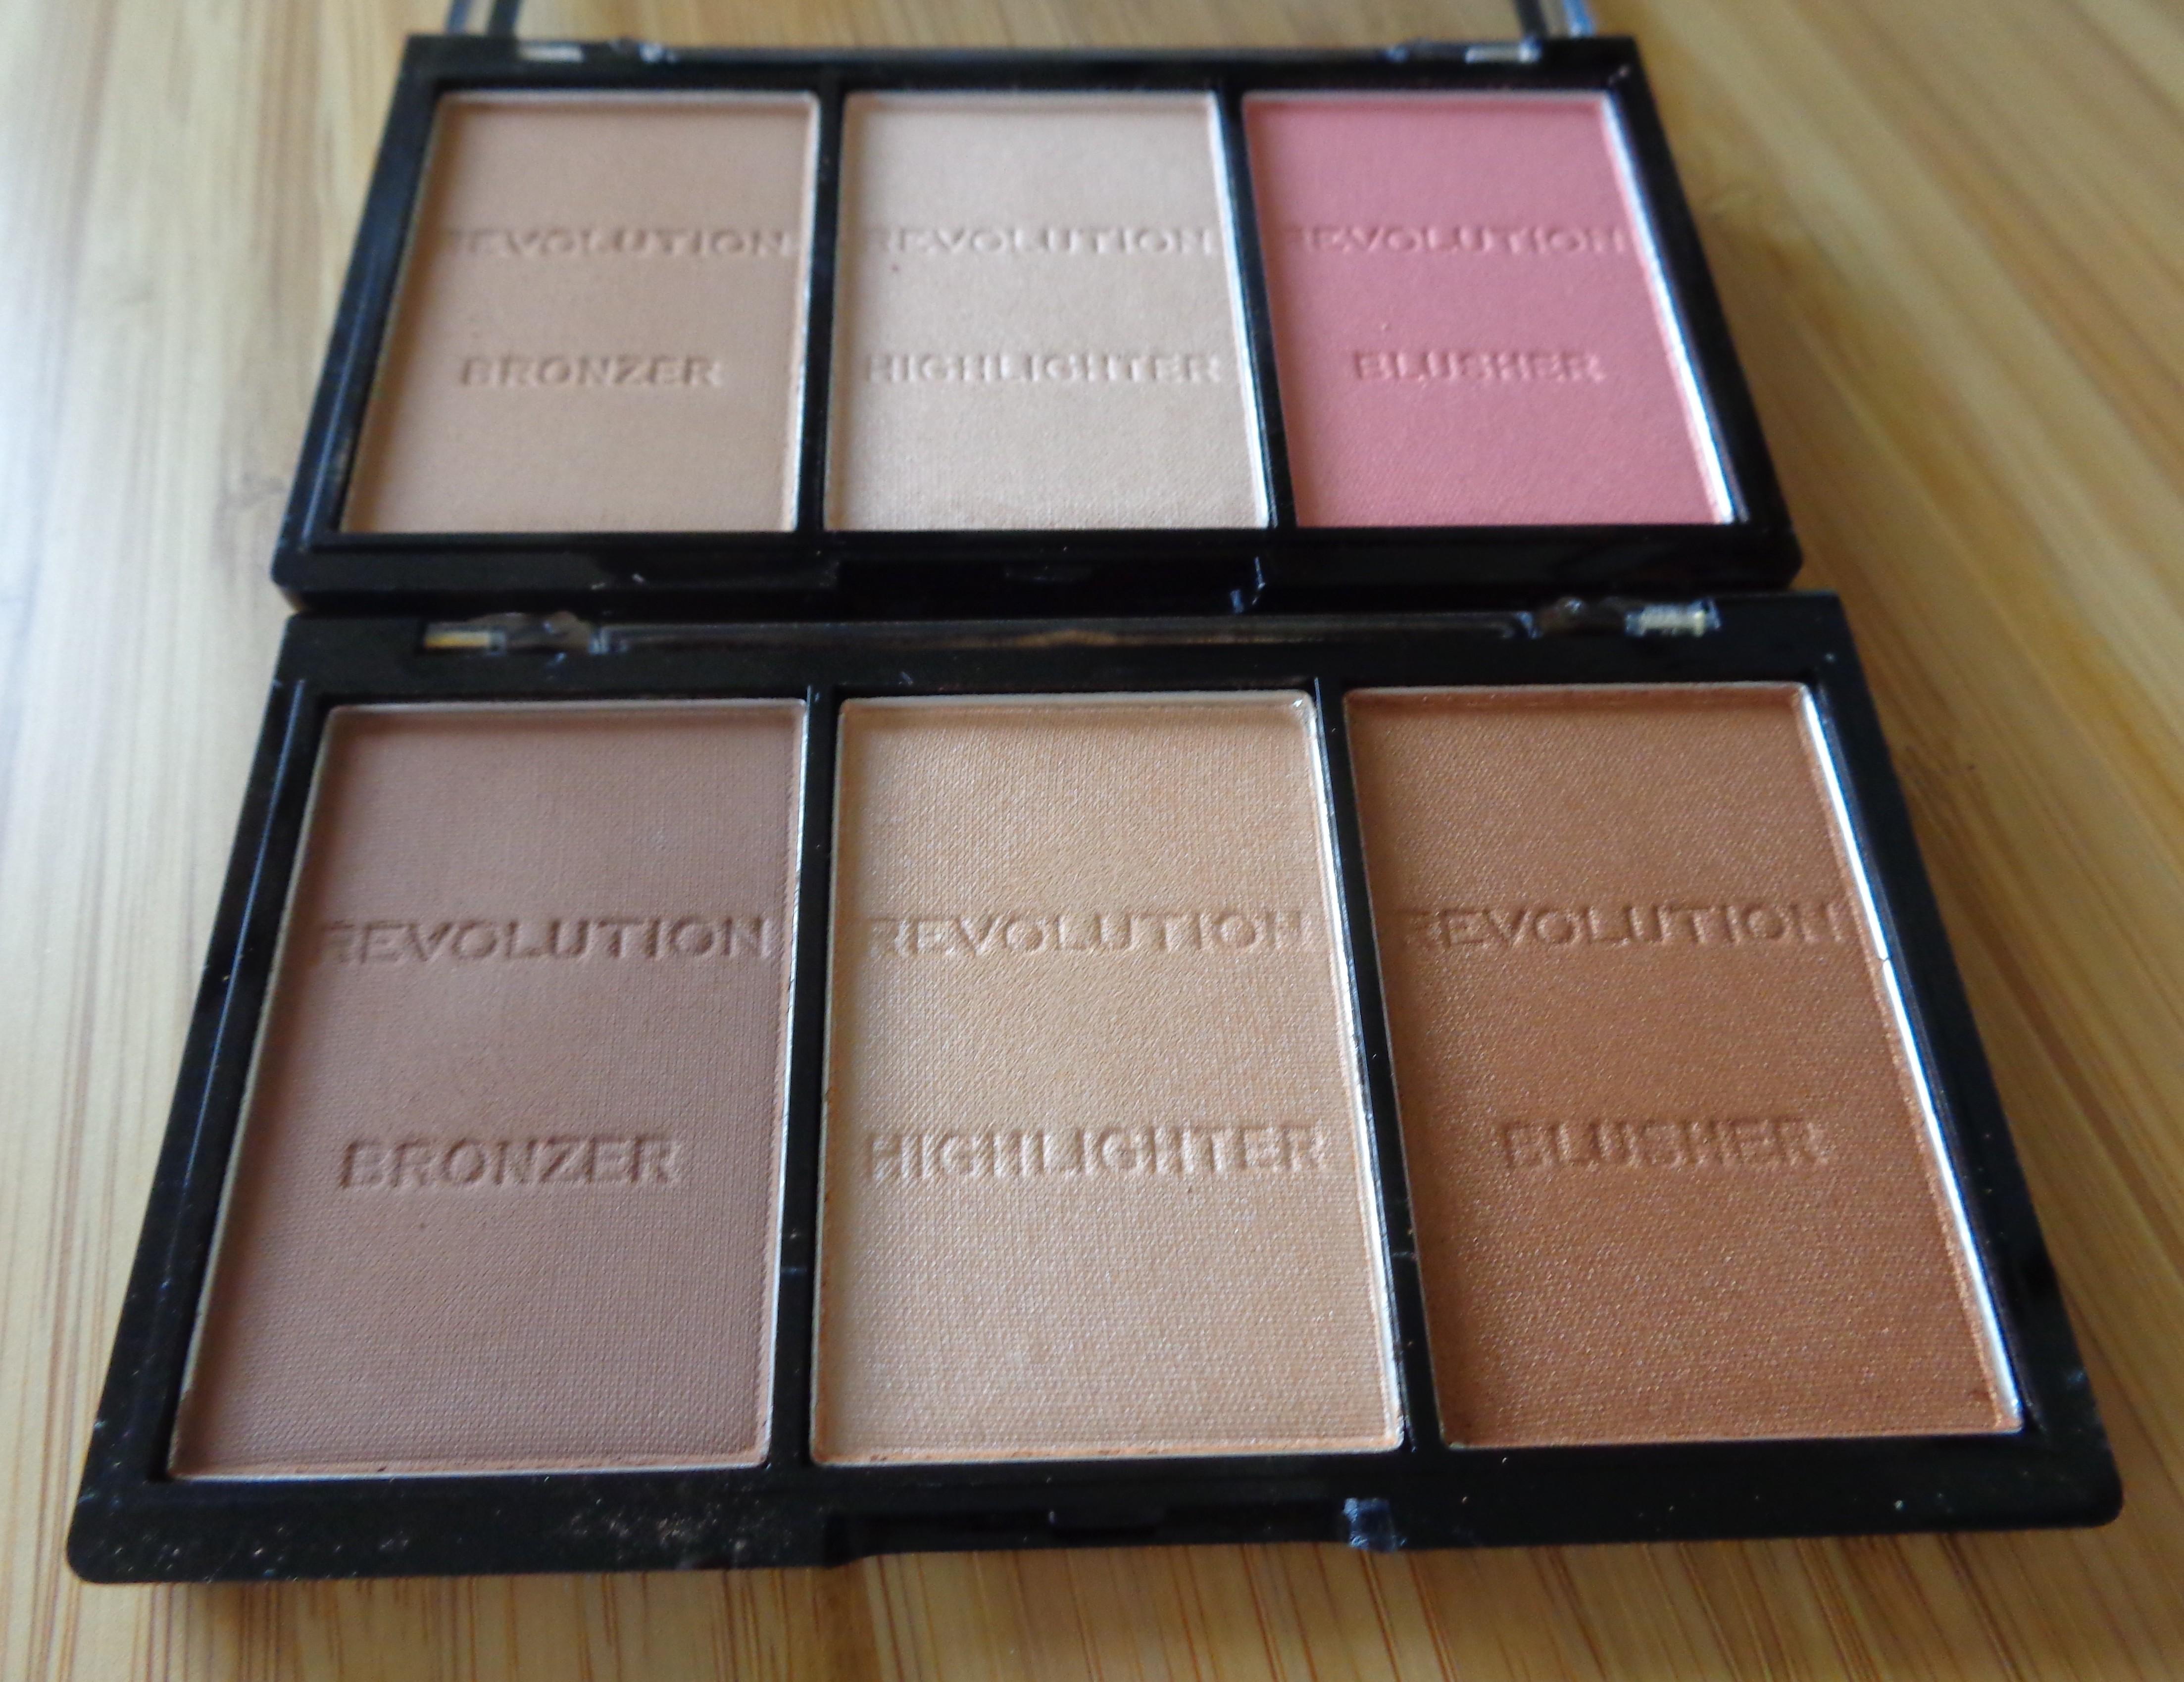 Makeup Revolution Ultra Sculpt & Contour Kits: Top - Ultra Light; Bottom - Ultra